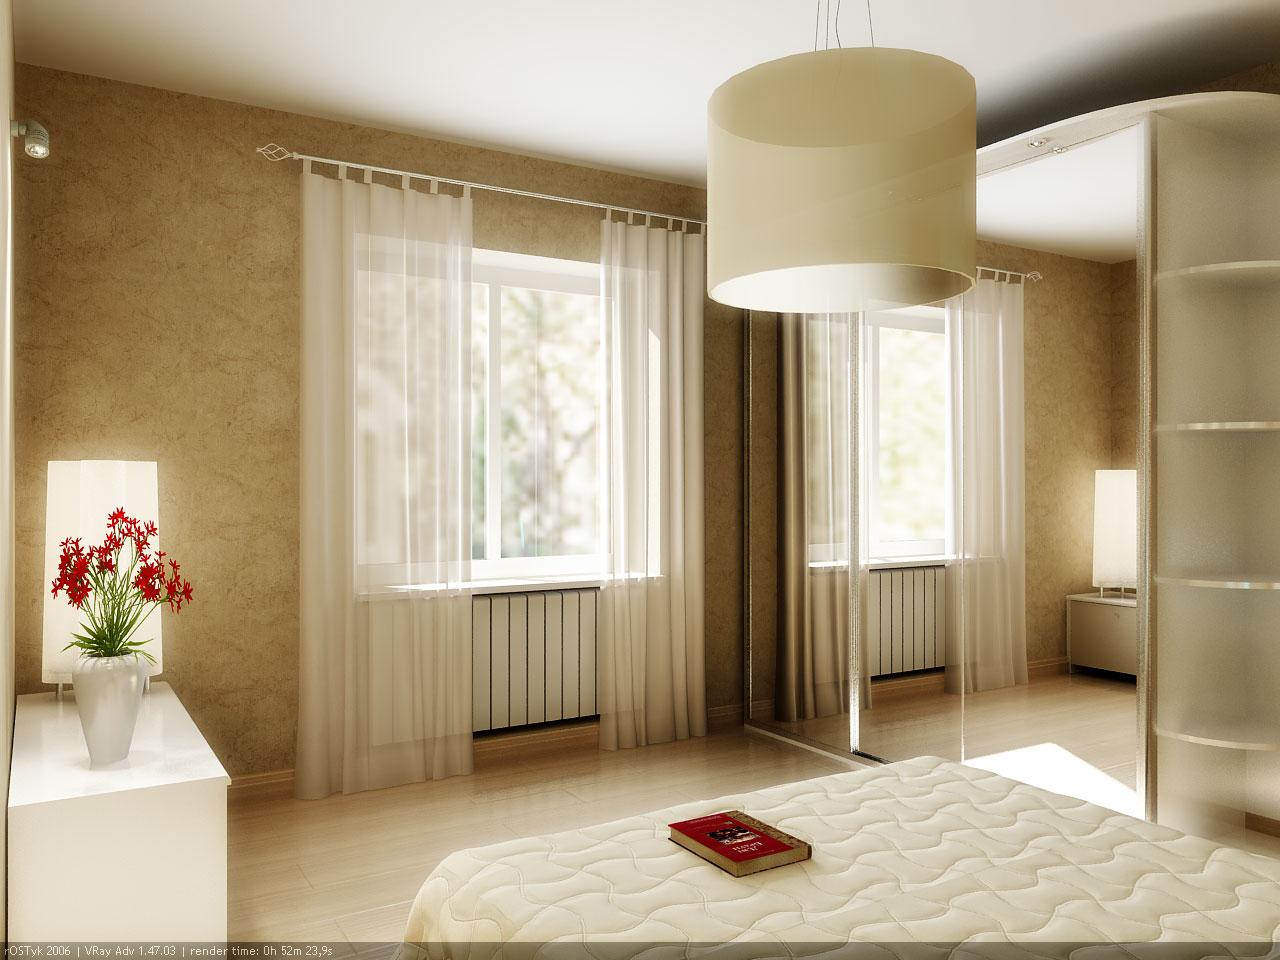 Wallpaper Interior Design Pictures photo - 6